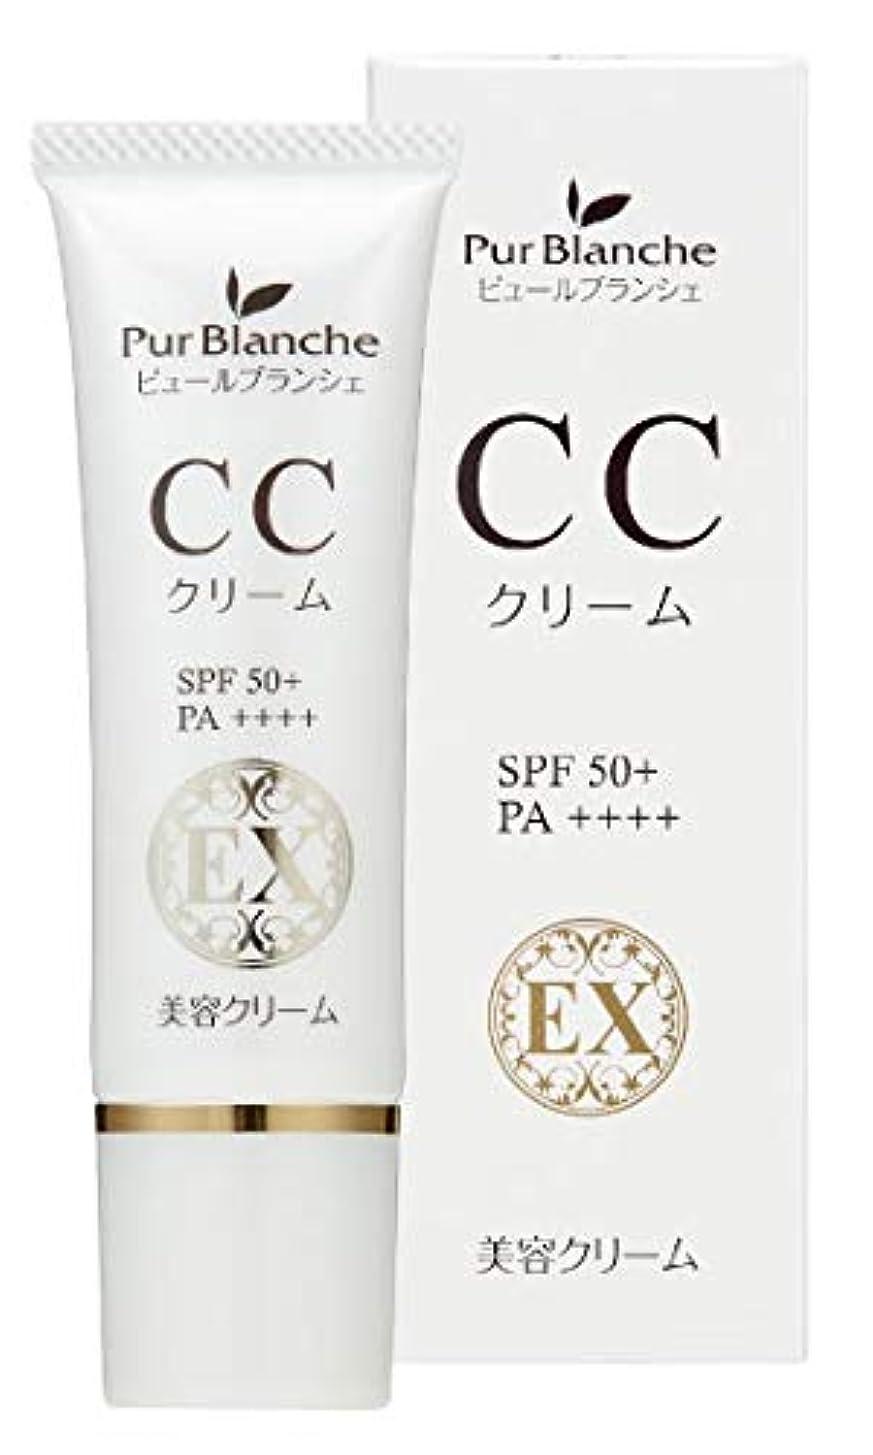 葉信頼引退したピュールブランシェ CCクリームEX 30g (自然な肌色) (SPF50+ PA++++)